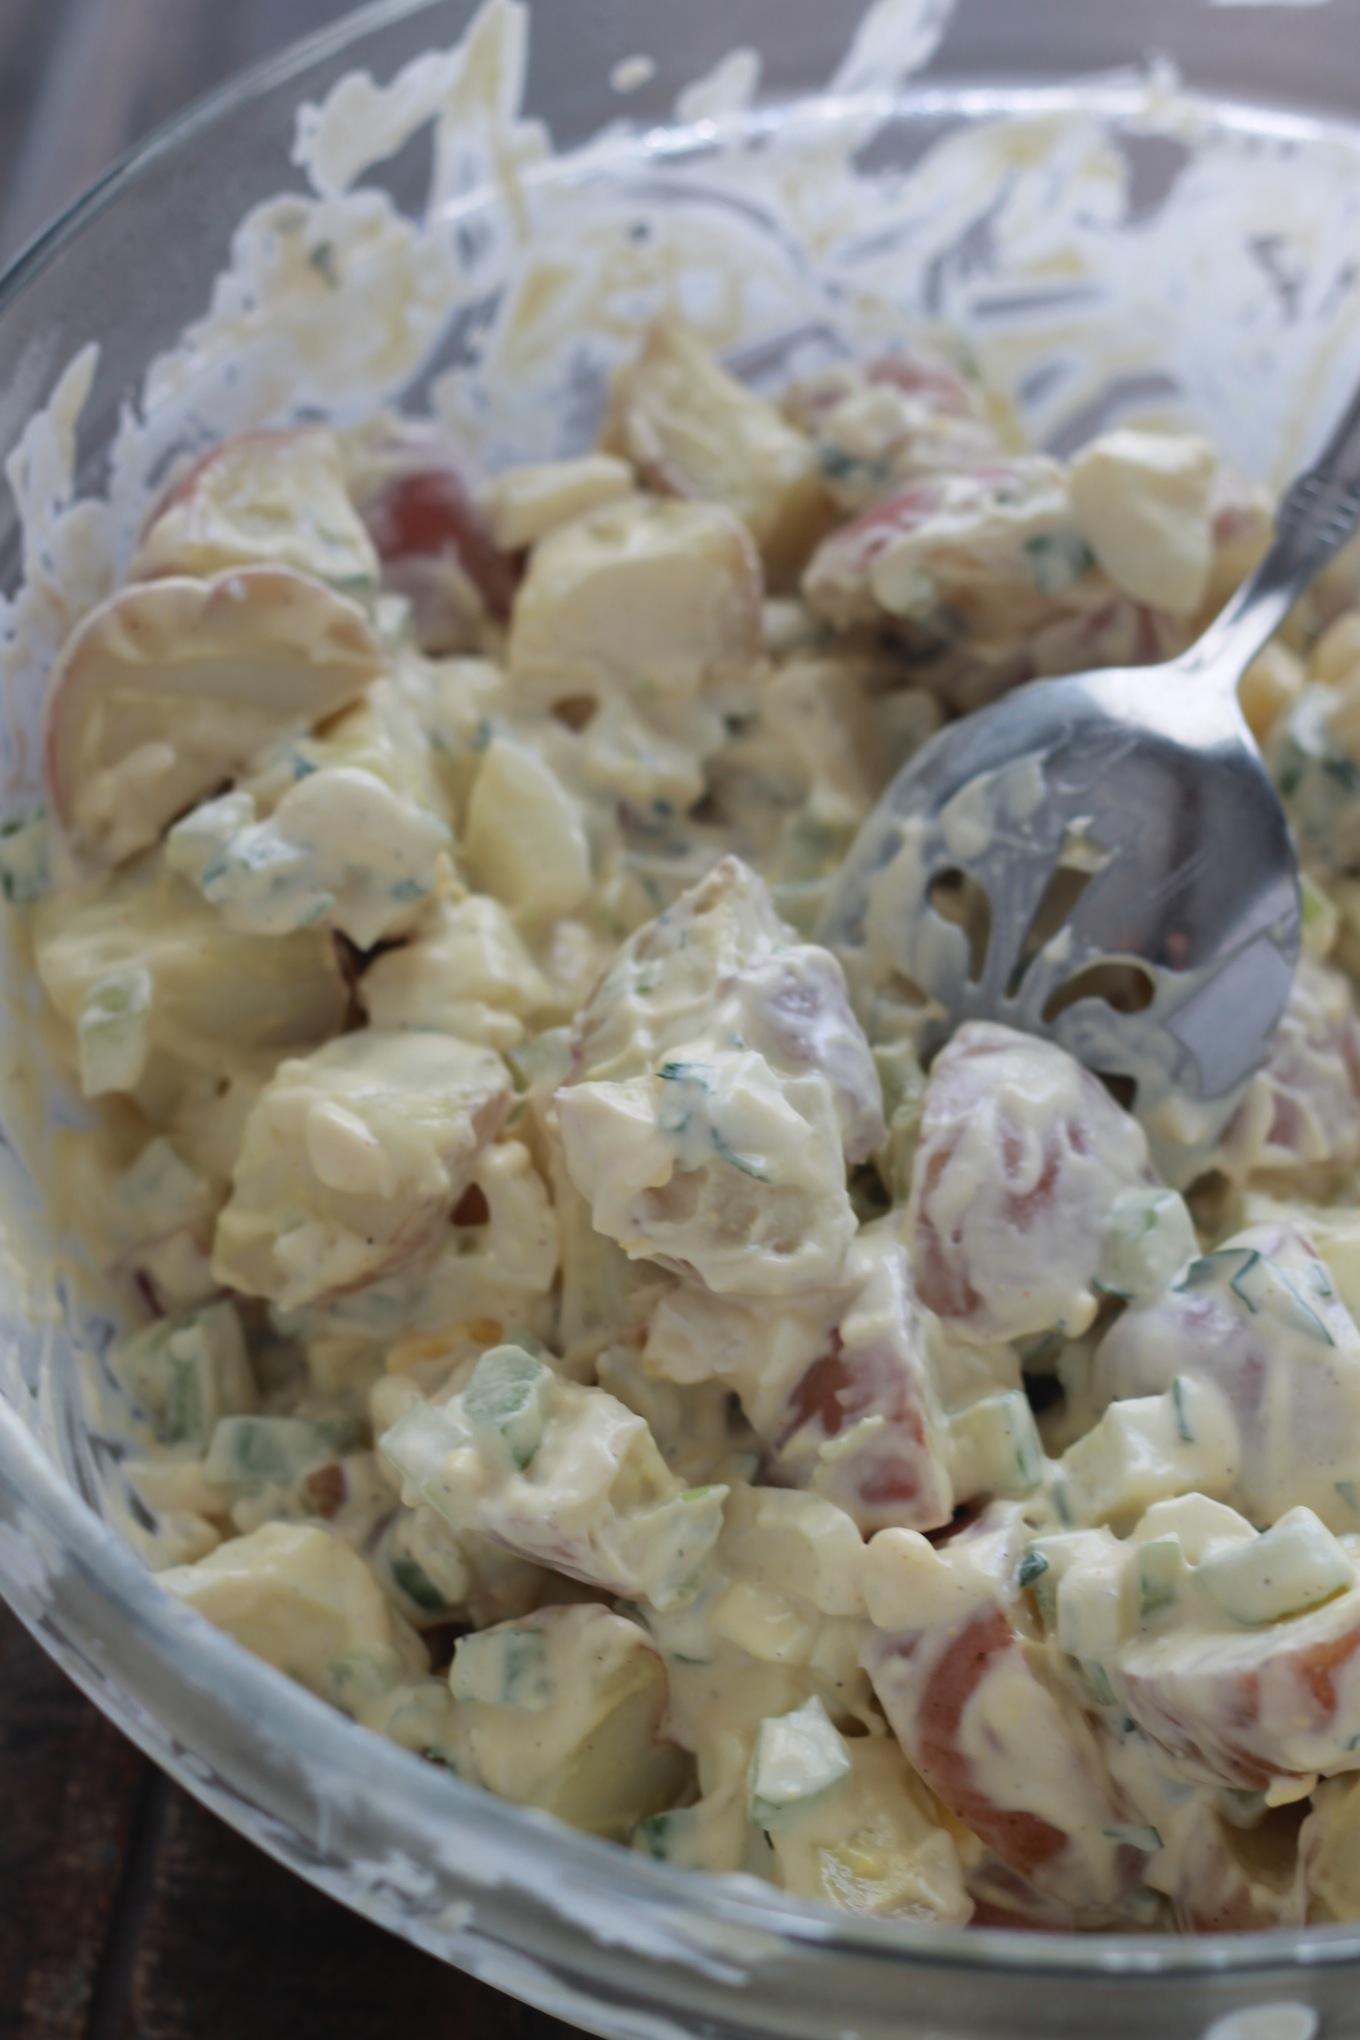 Salade de pommes de terre classique à l'américaine. Très bonne en entrée ou en accompagnement pour une viande grillée ou des saucisses, pique-niques, buffets froids./cuisineculinaire.com